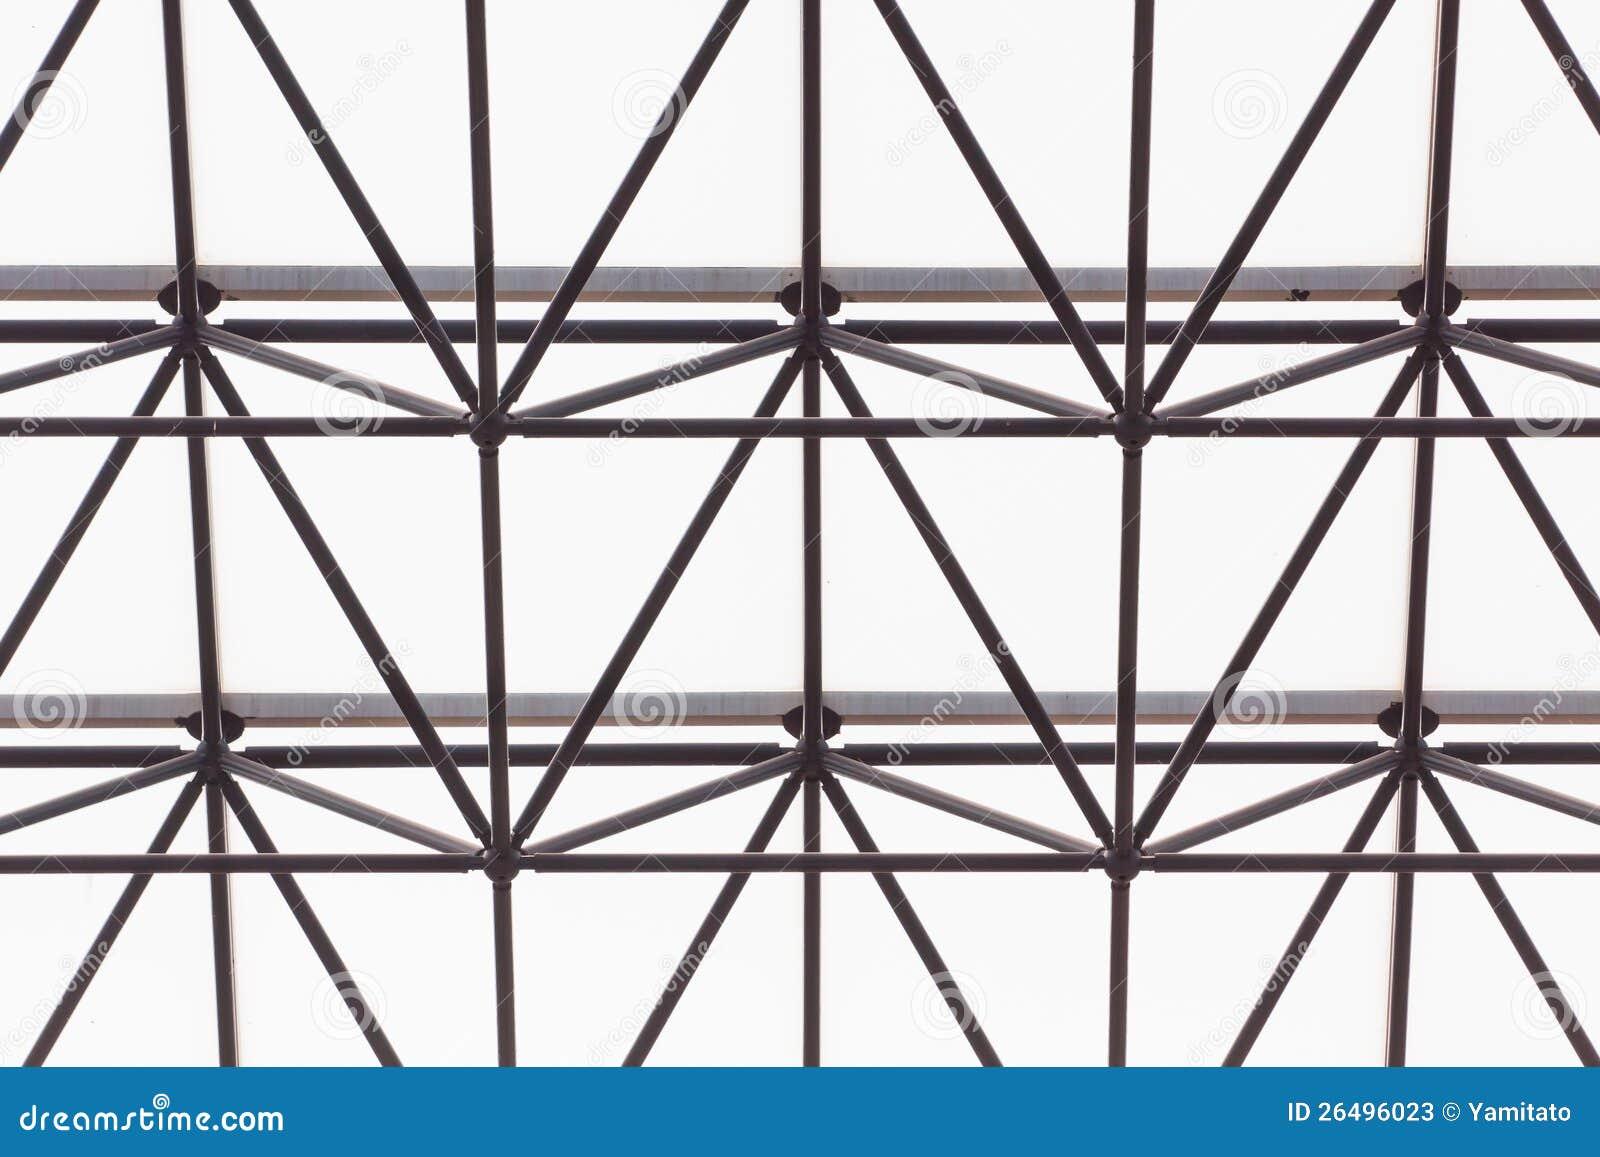 Estructura del metal imagen de archivo Imagen de alineado 26496023